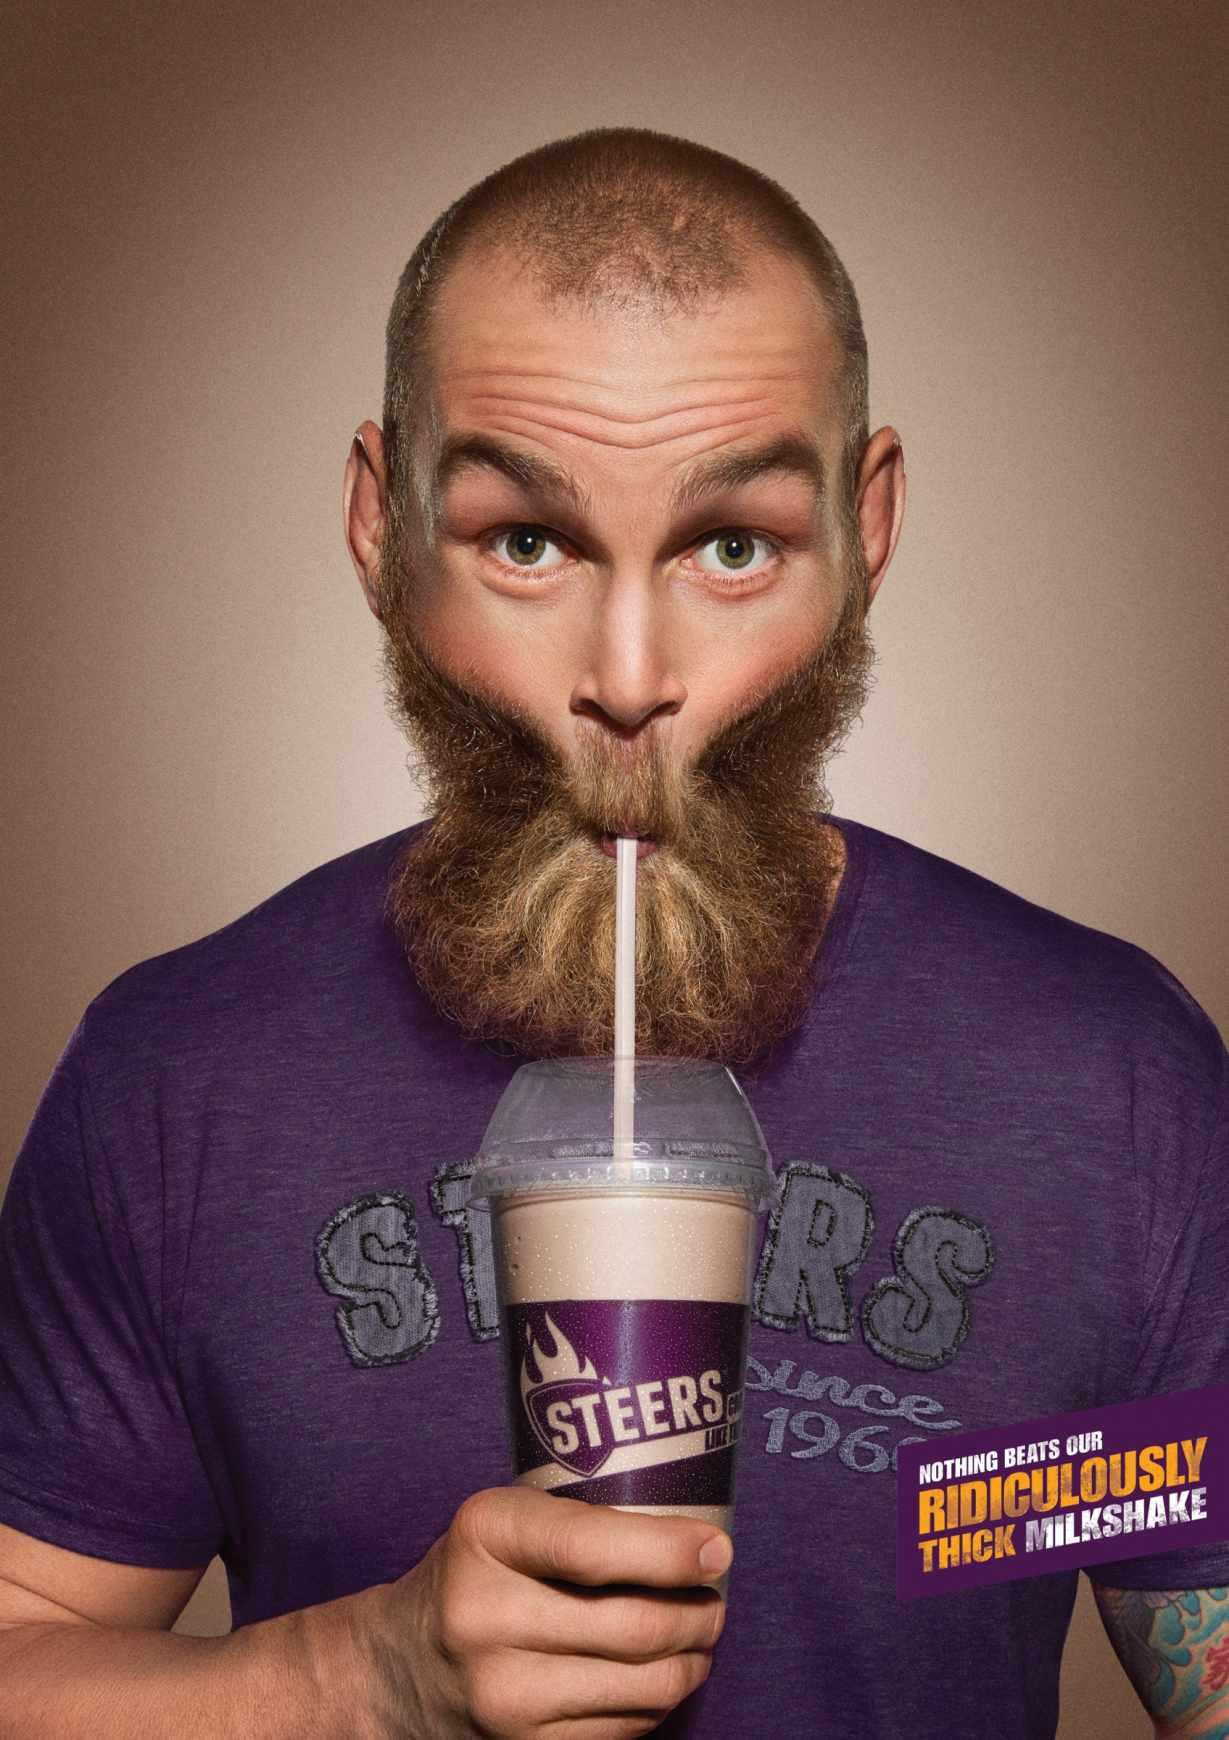 steers_milkshake_posters2_soldier_boy_aotw